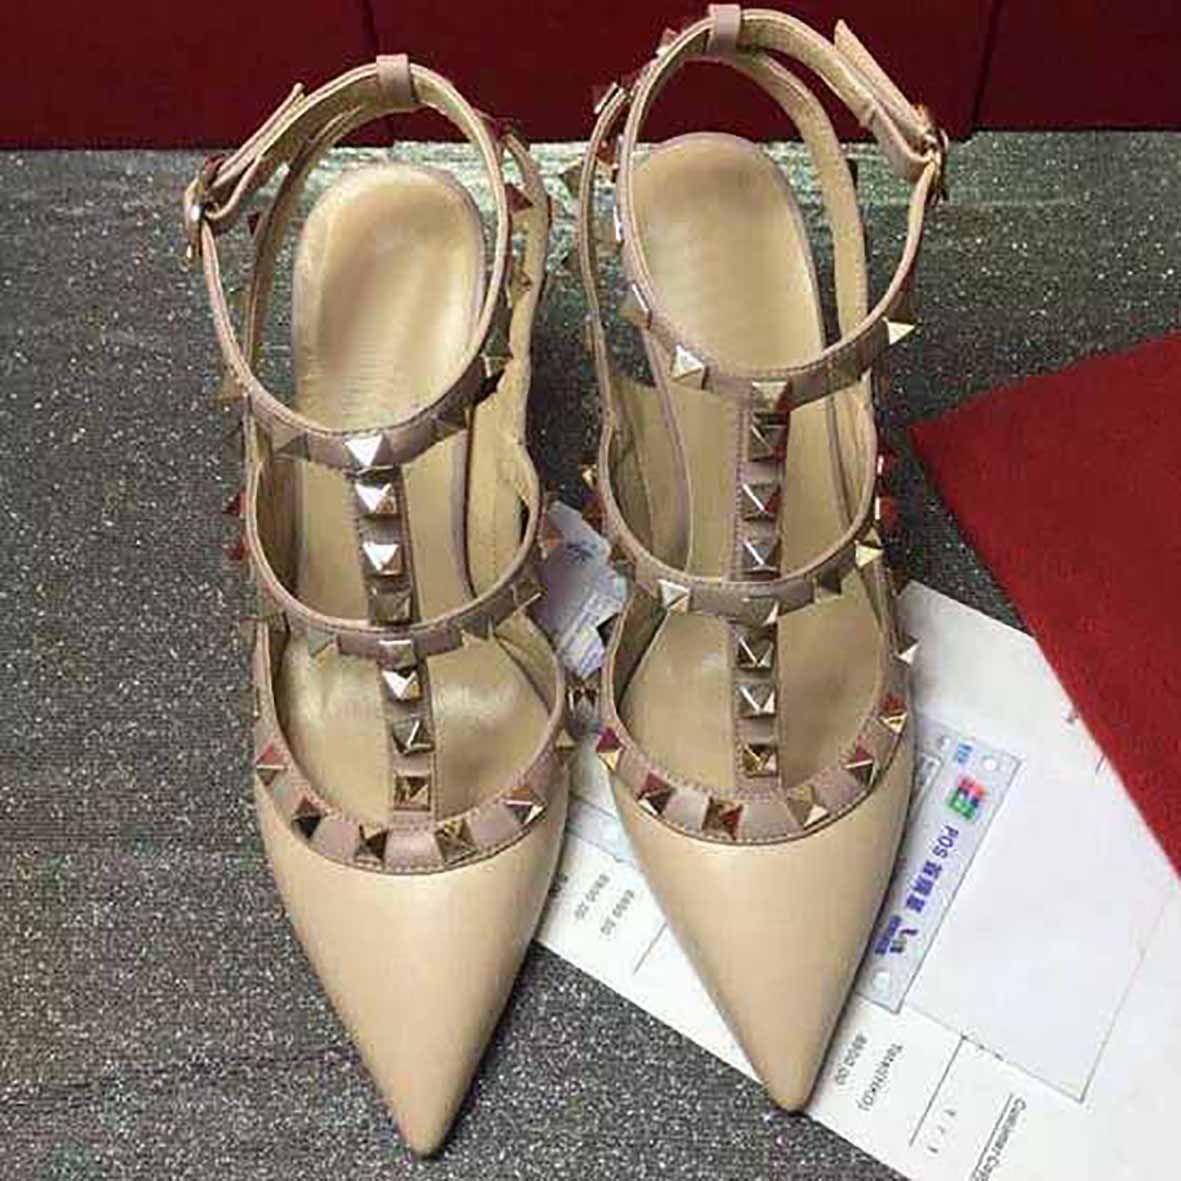 Высокие каблуки заклепки сандалии женские шпильки 9,5 см Высокие каблуки платье обувь вечеринка мода заклепки девушки сексуальные рок заостренные носки обувь пряжка платформа насосы свадьба